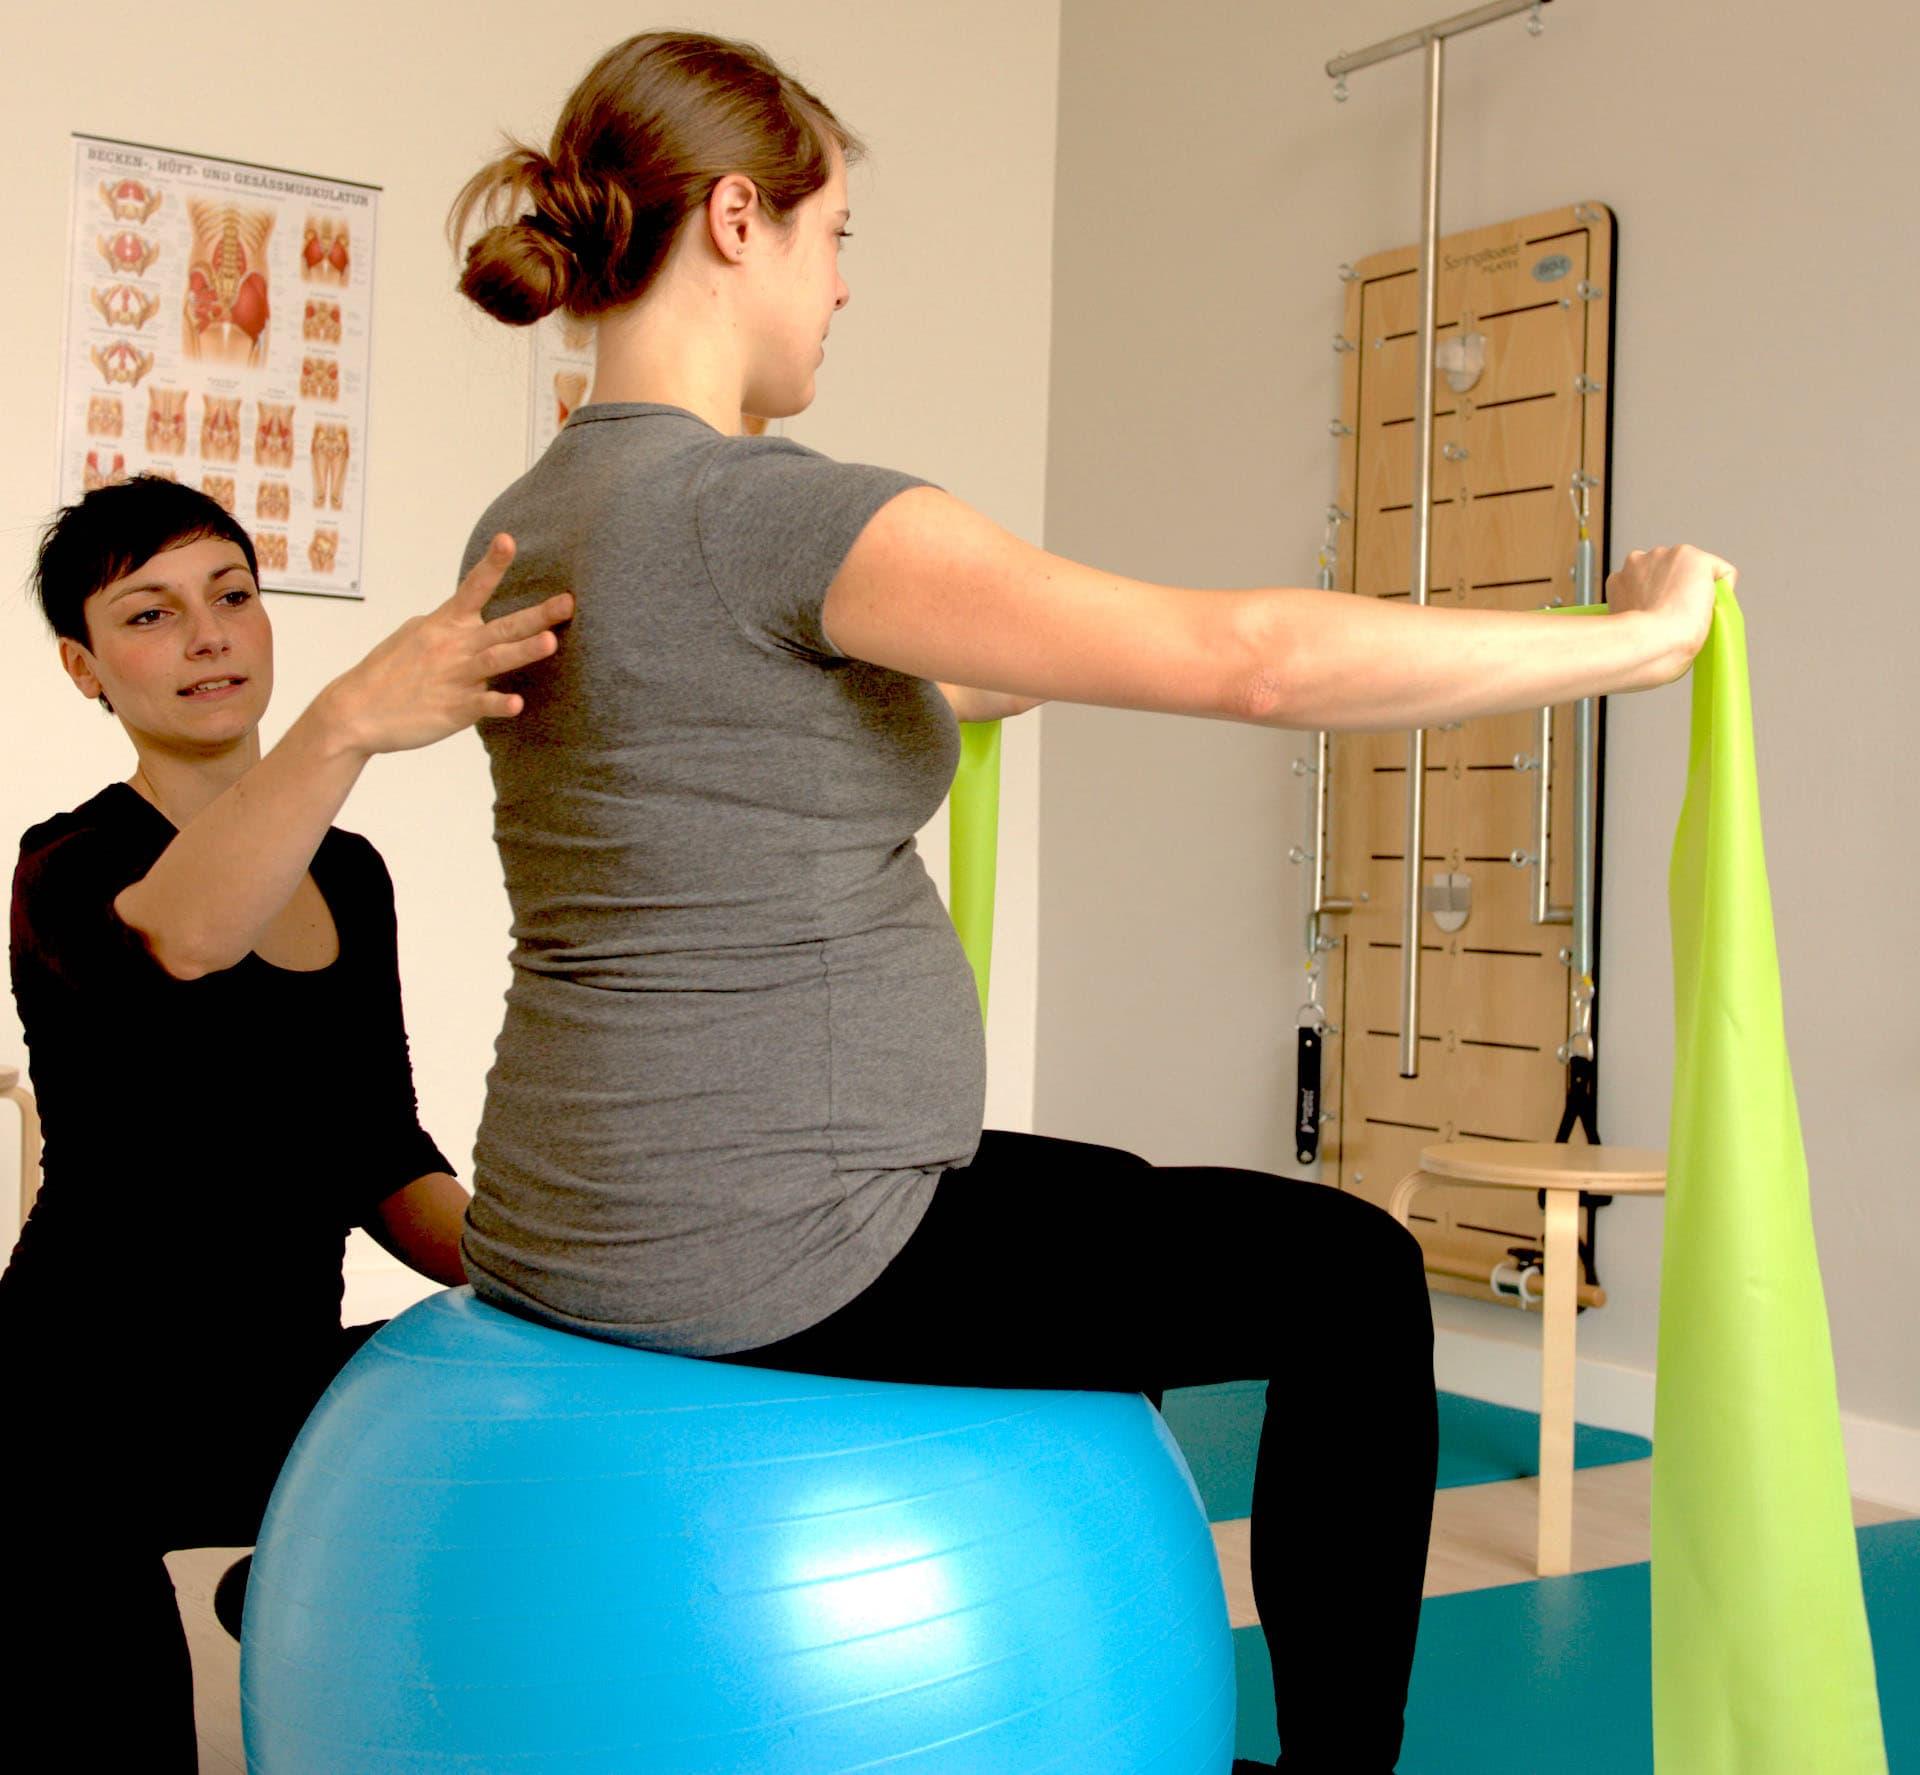 Schwangeren- und Mama-Baby-Pilates in Gohlis ab 9.7.21